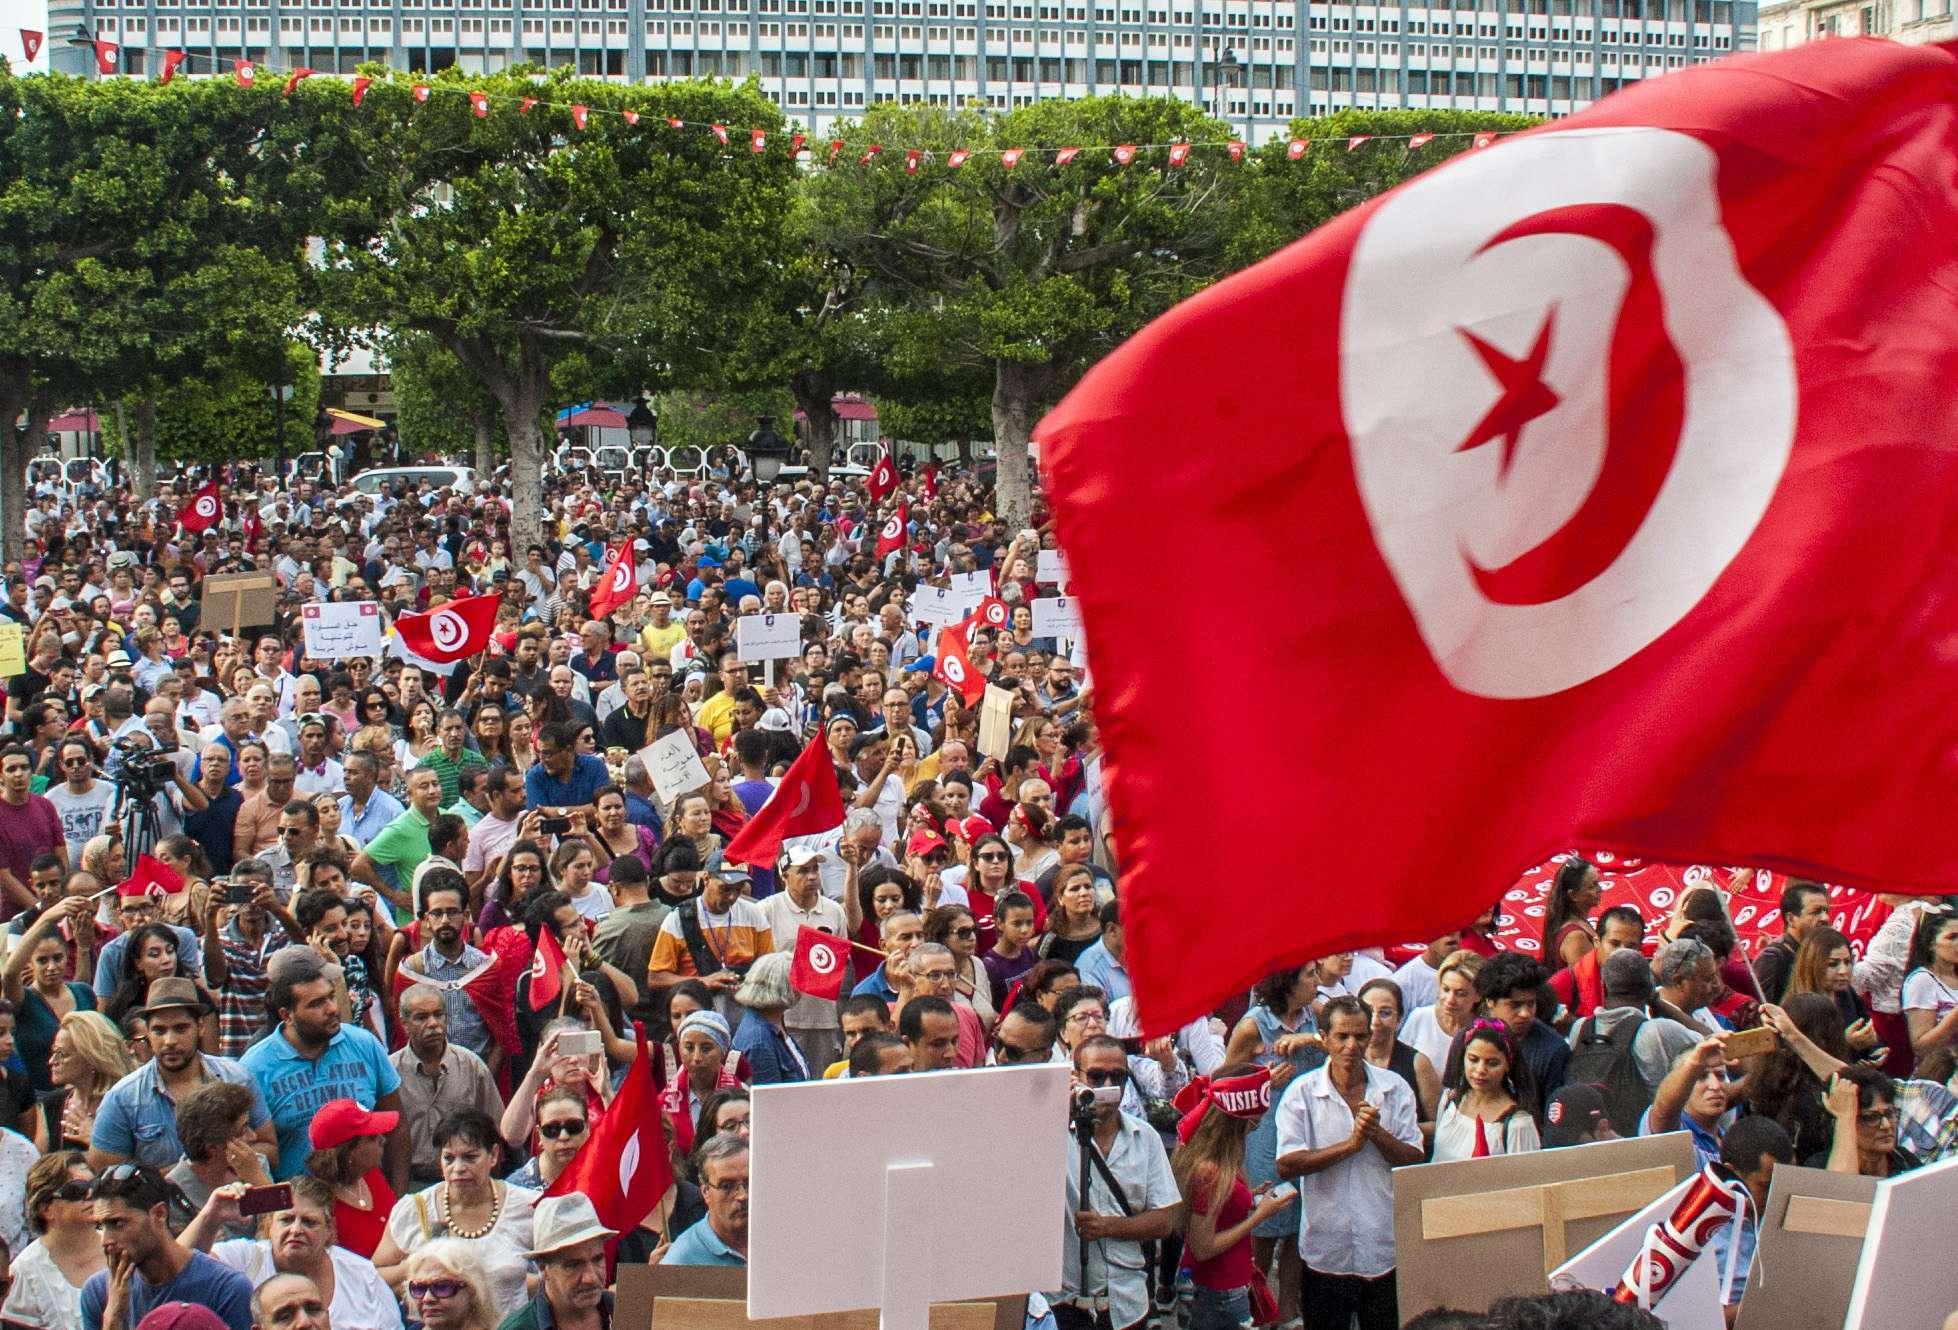 Une manifestation à Tunis pour l'égalité des droits, le lundi 13 août 2018.